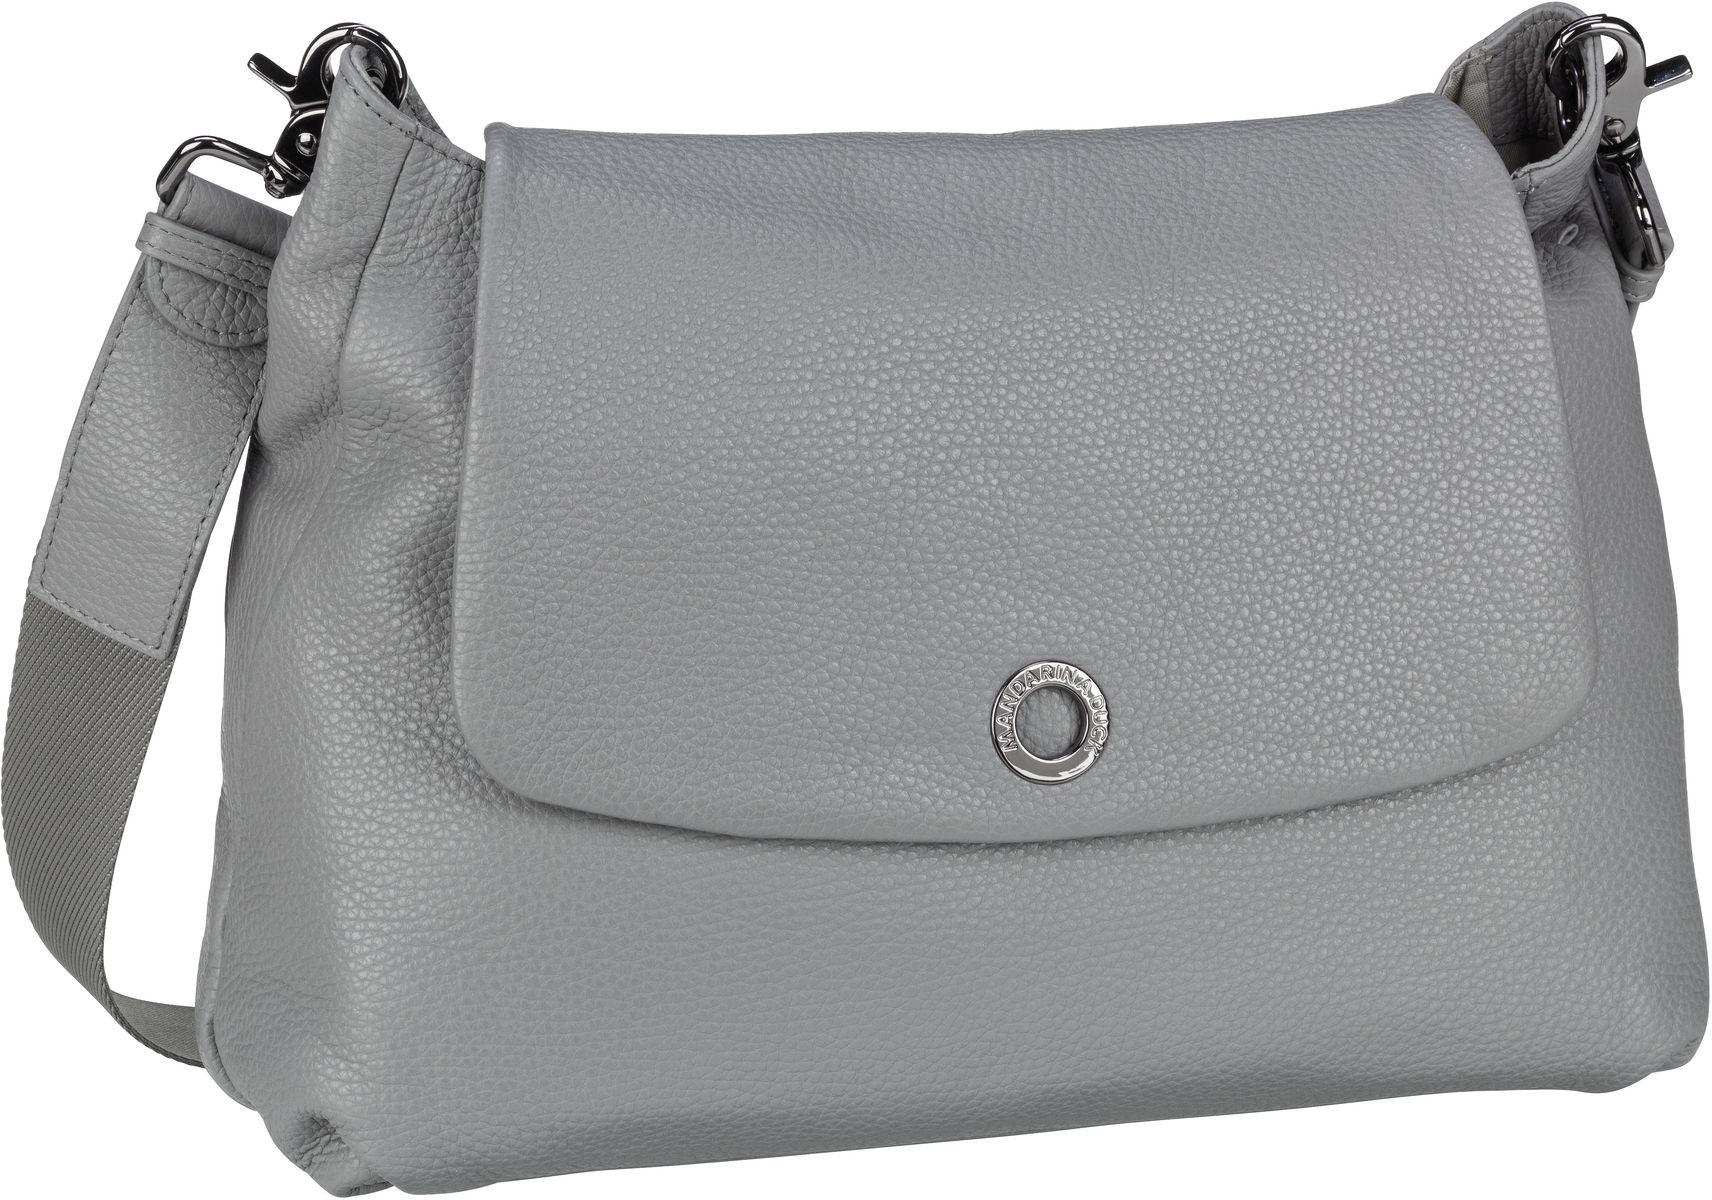 Umhängetasche Mellow Leather Shoulder Bag FZT30 Aluminium